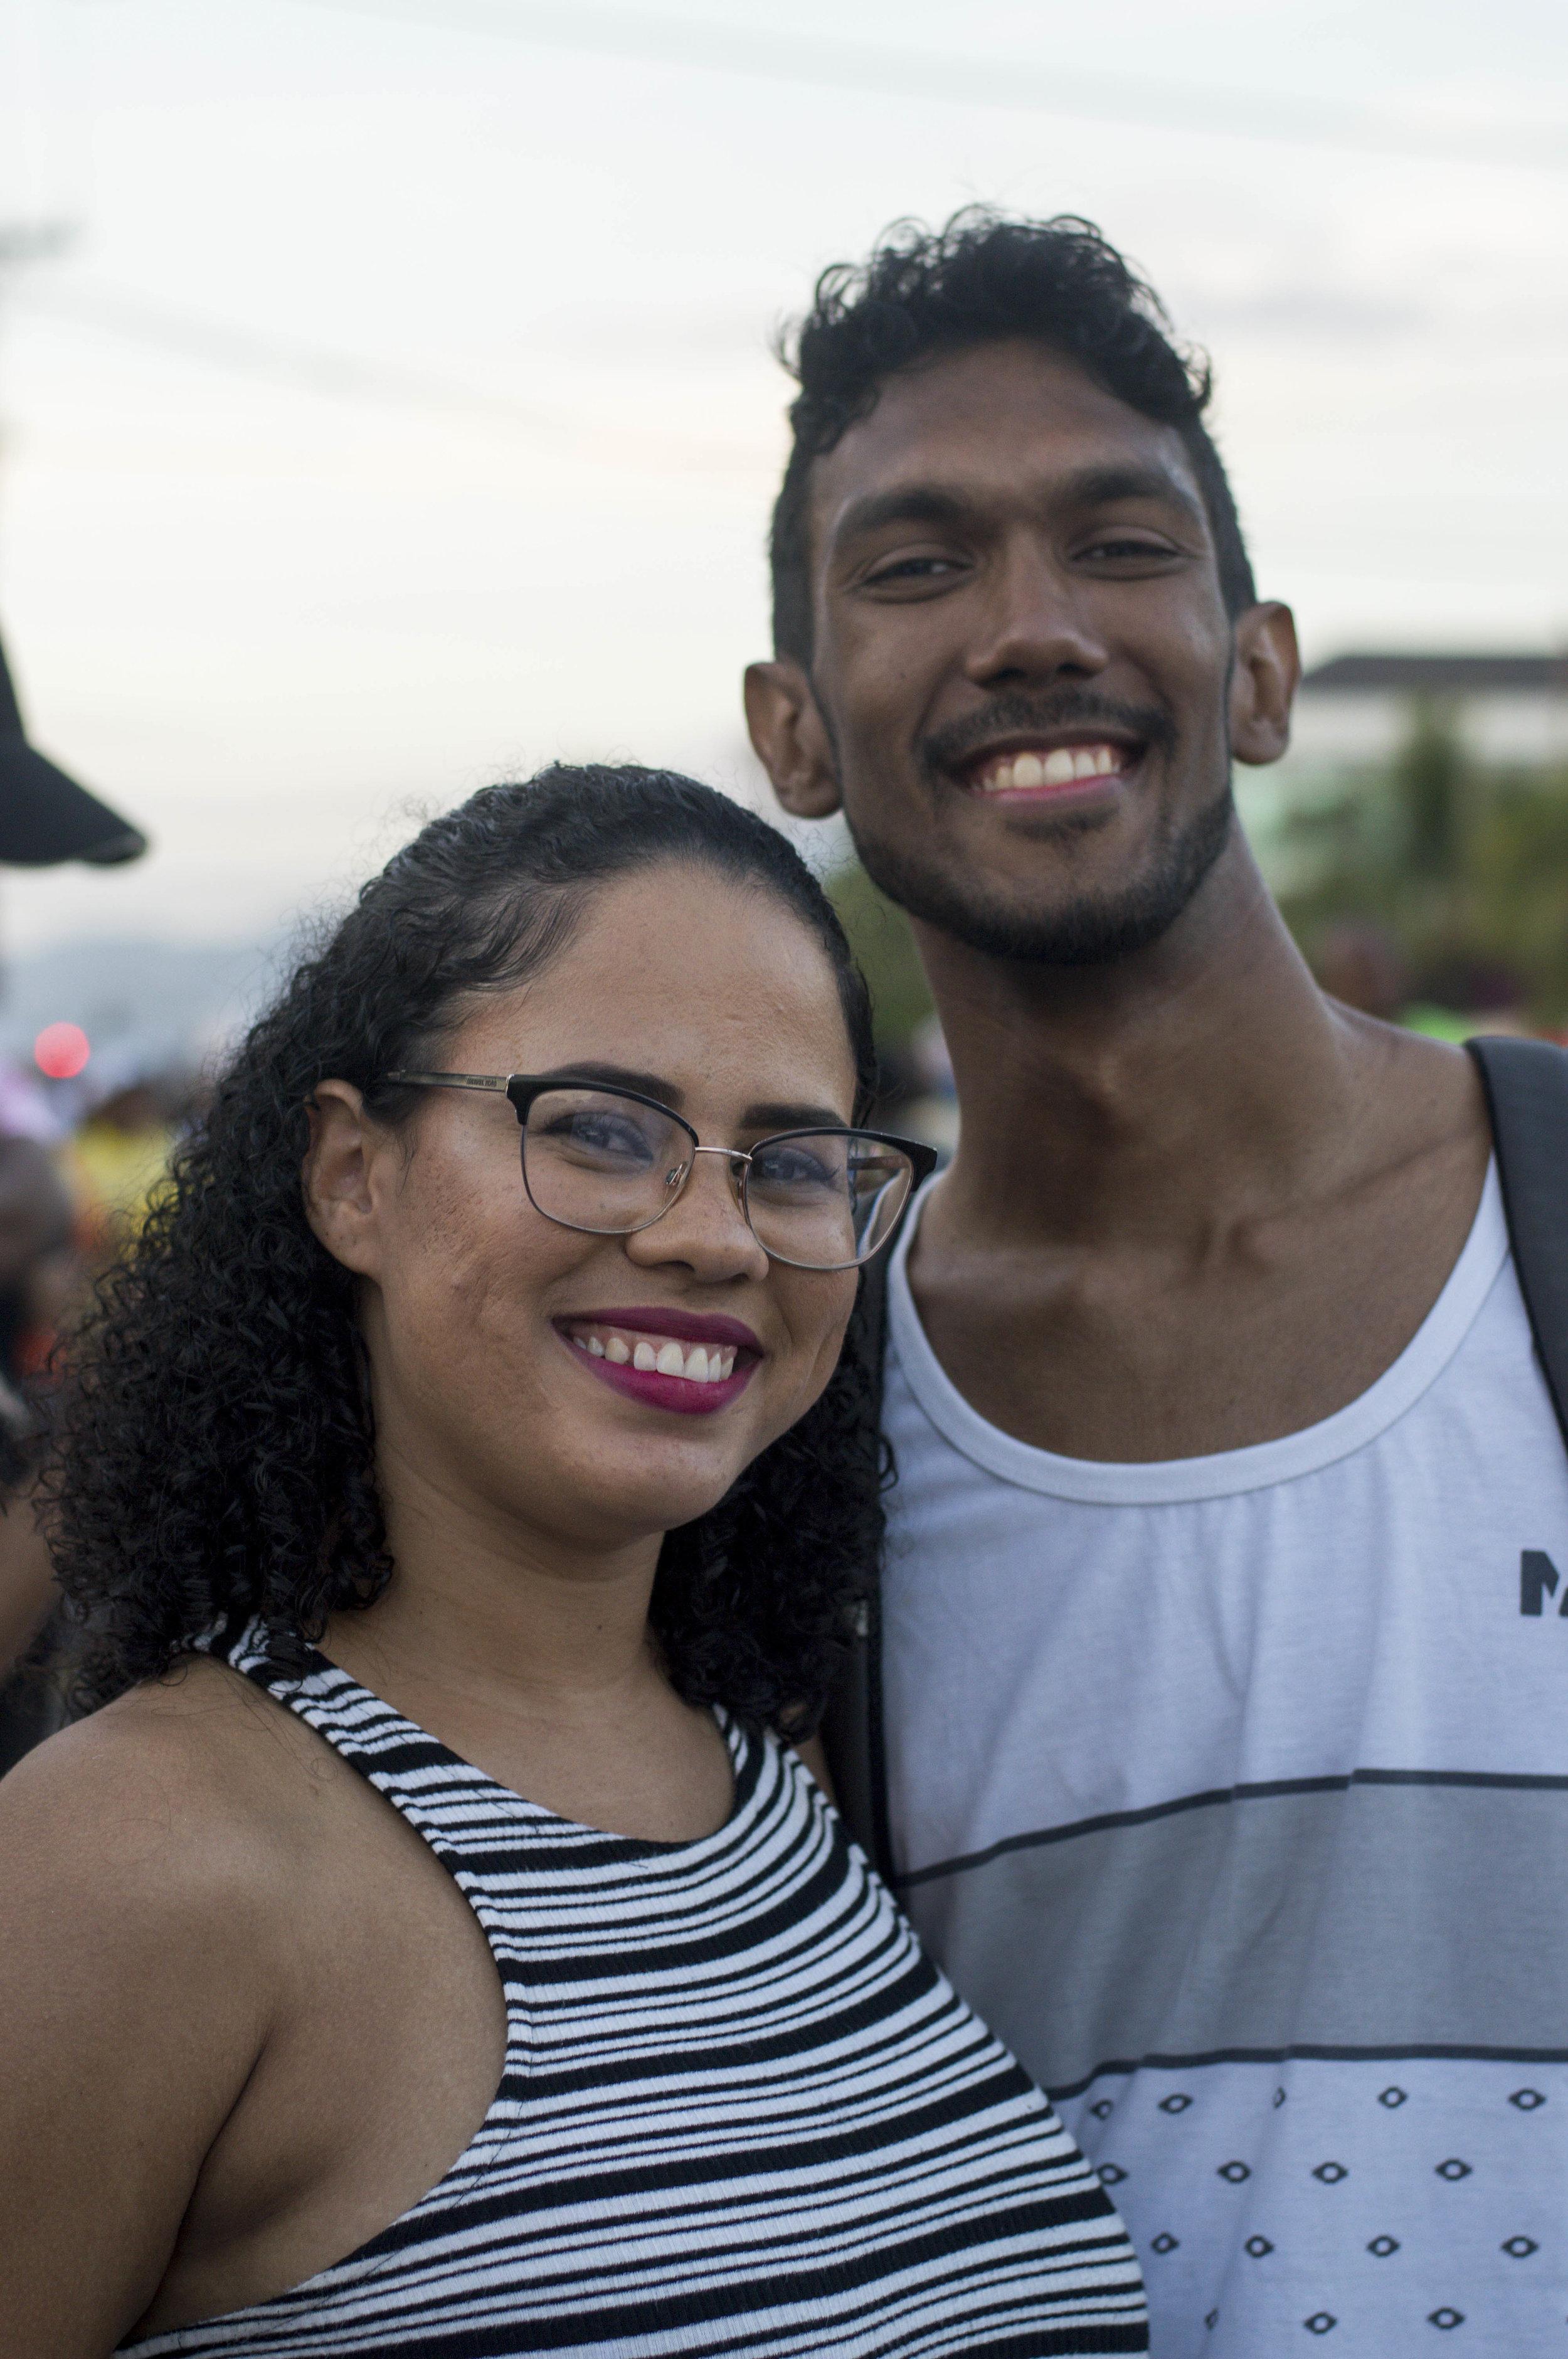 carnival2019_jeanalindo-66.jpg